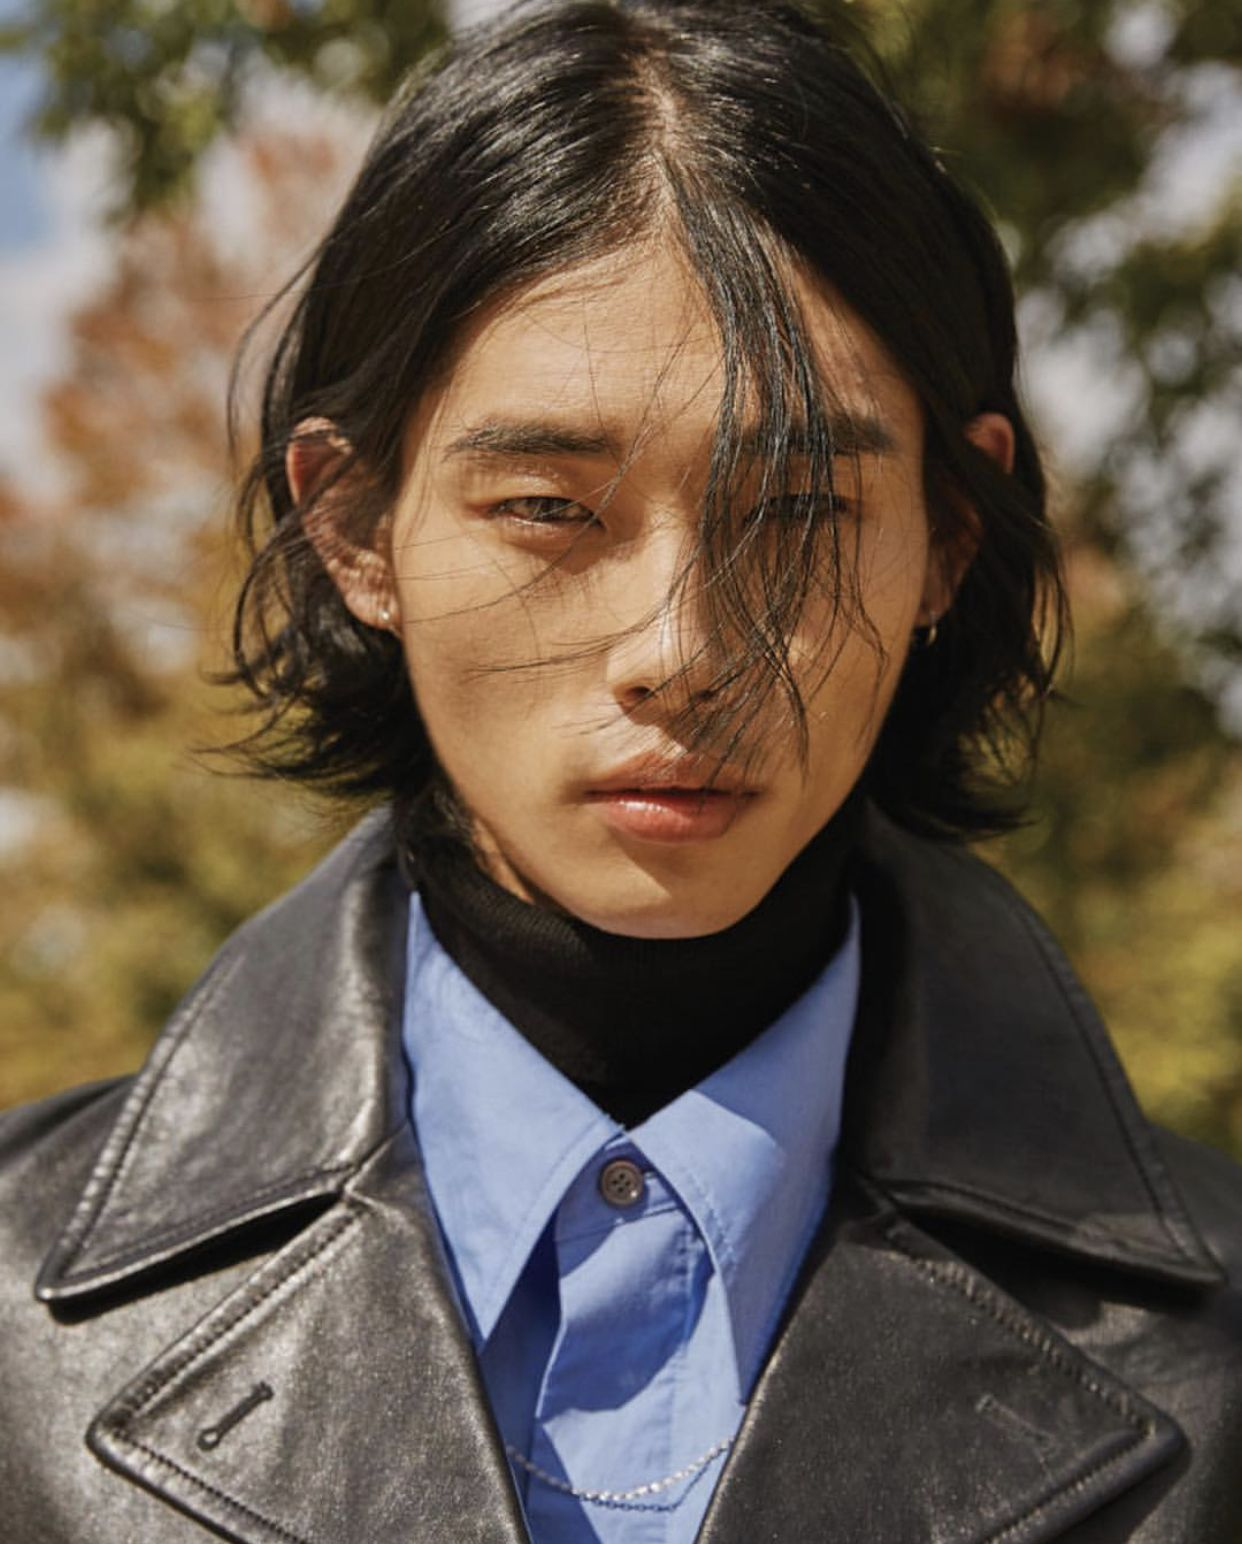 Imagenes De Silvia Olvera pin de silvia olvera en :3❤ en 2019 | hombres asiáticos